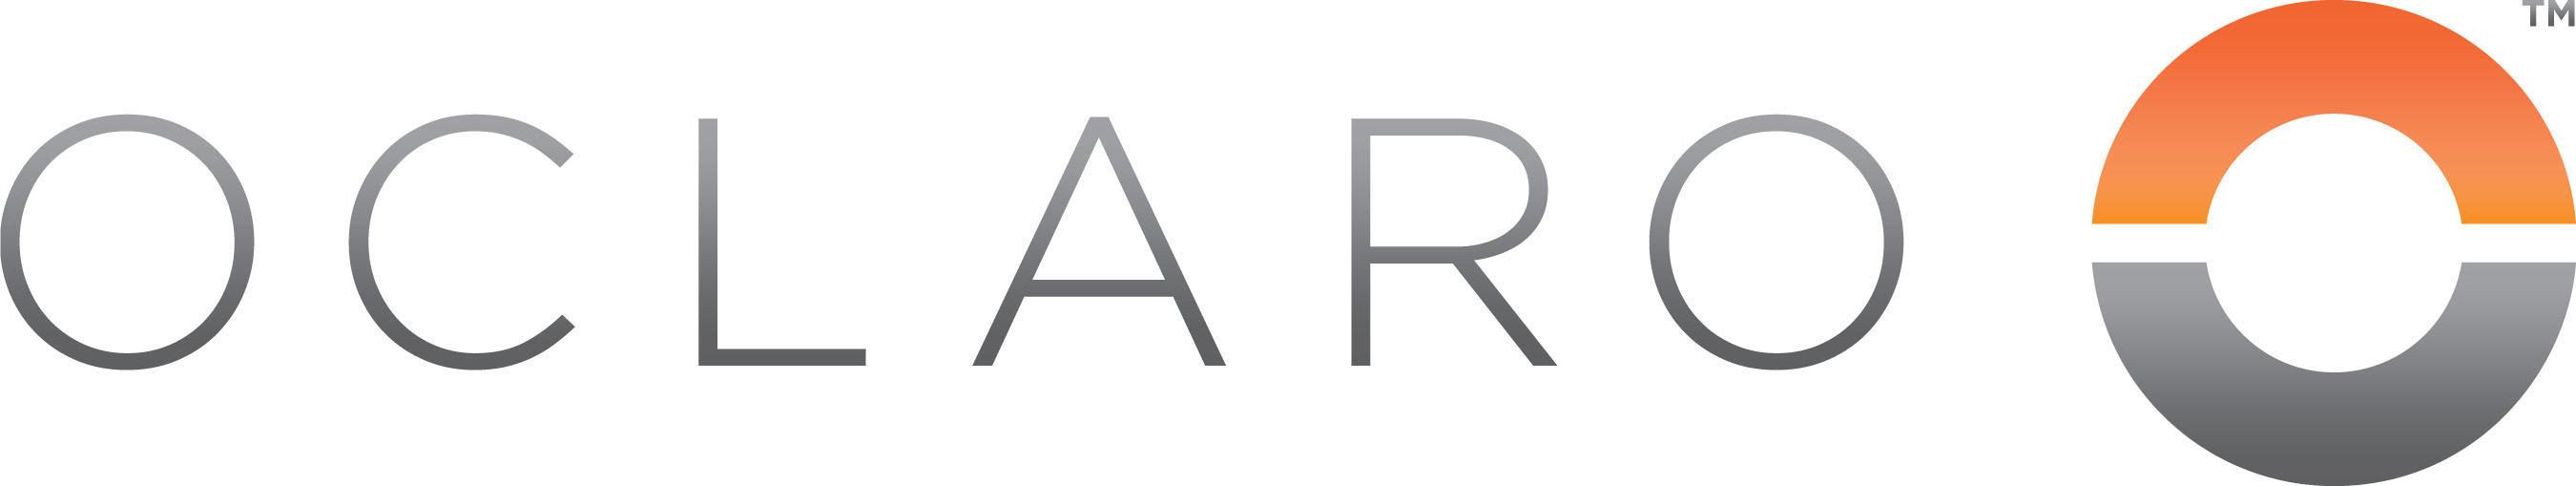 Oclaro, Inc. Logo.